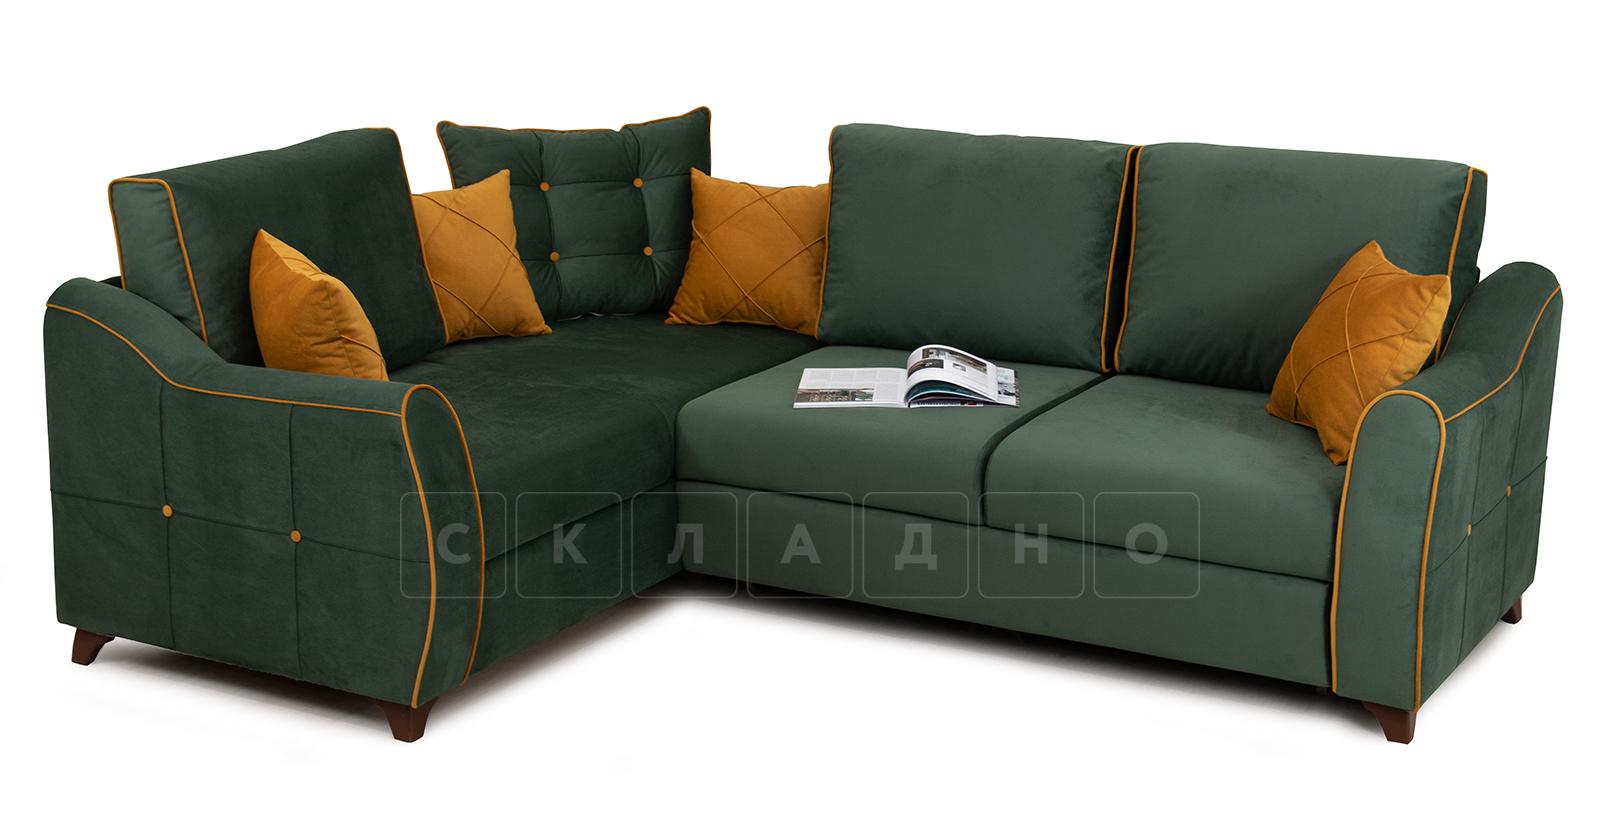 Диван-кровать угловой Флэтфорд нефритовый зеленый фото 4 | интернет-магазин Складно